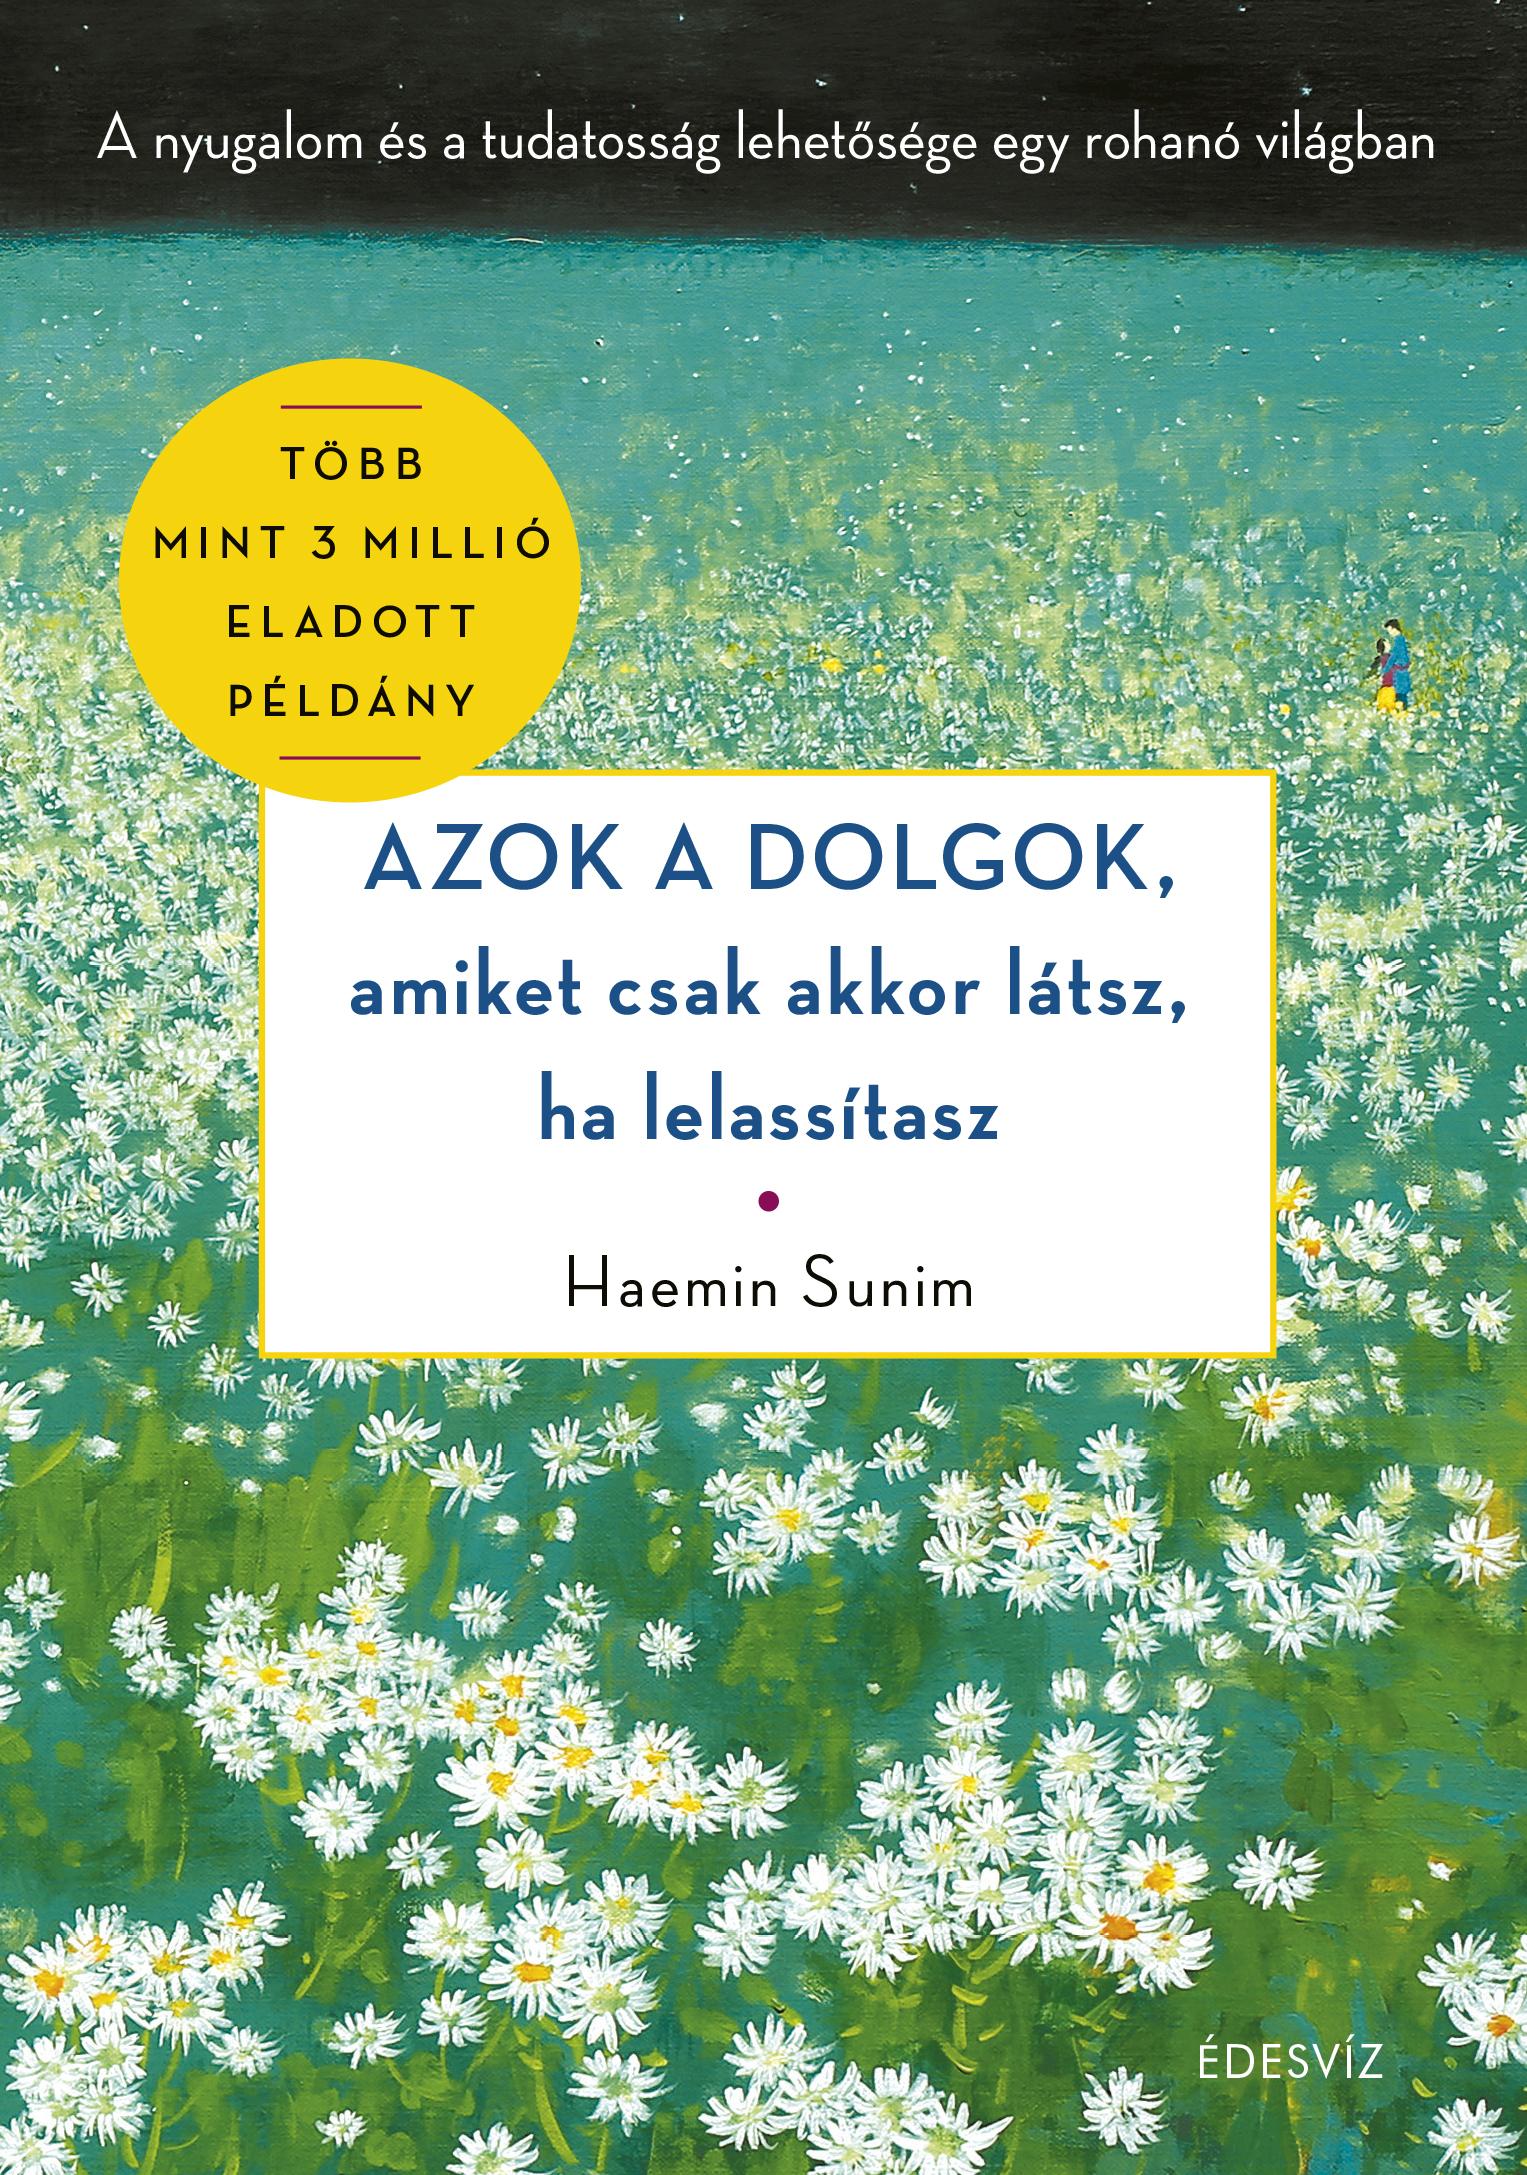 Haemin Sunim: Azok a dolgok, amiket csak akkor látsz, ha lelassítasz